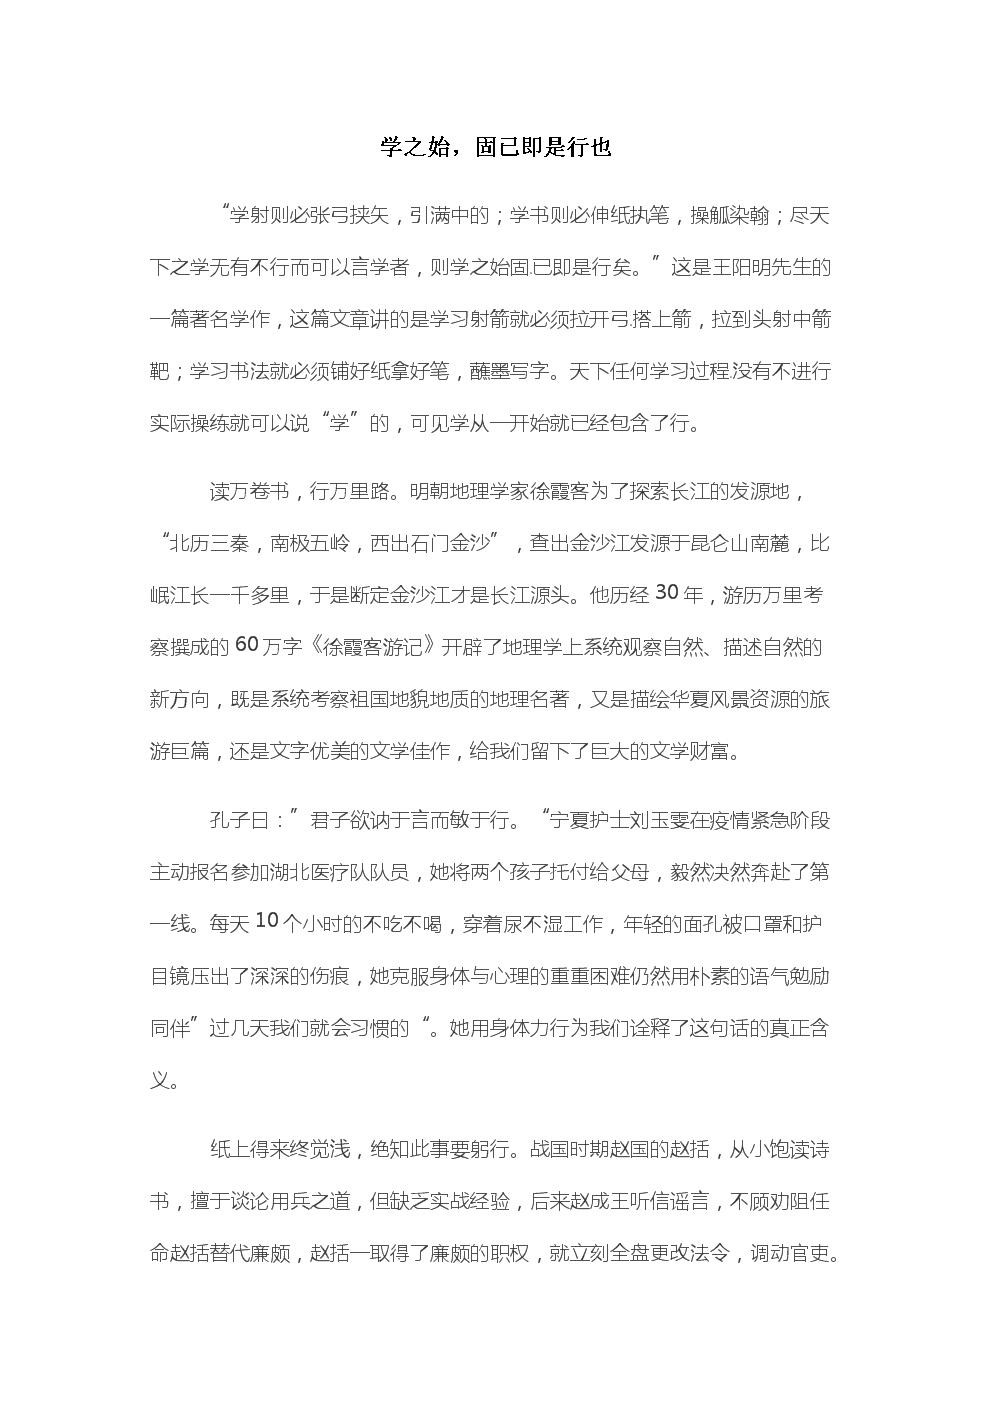 小学六年级《朝读经典》读后感.docx